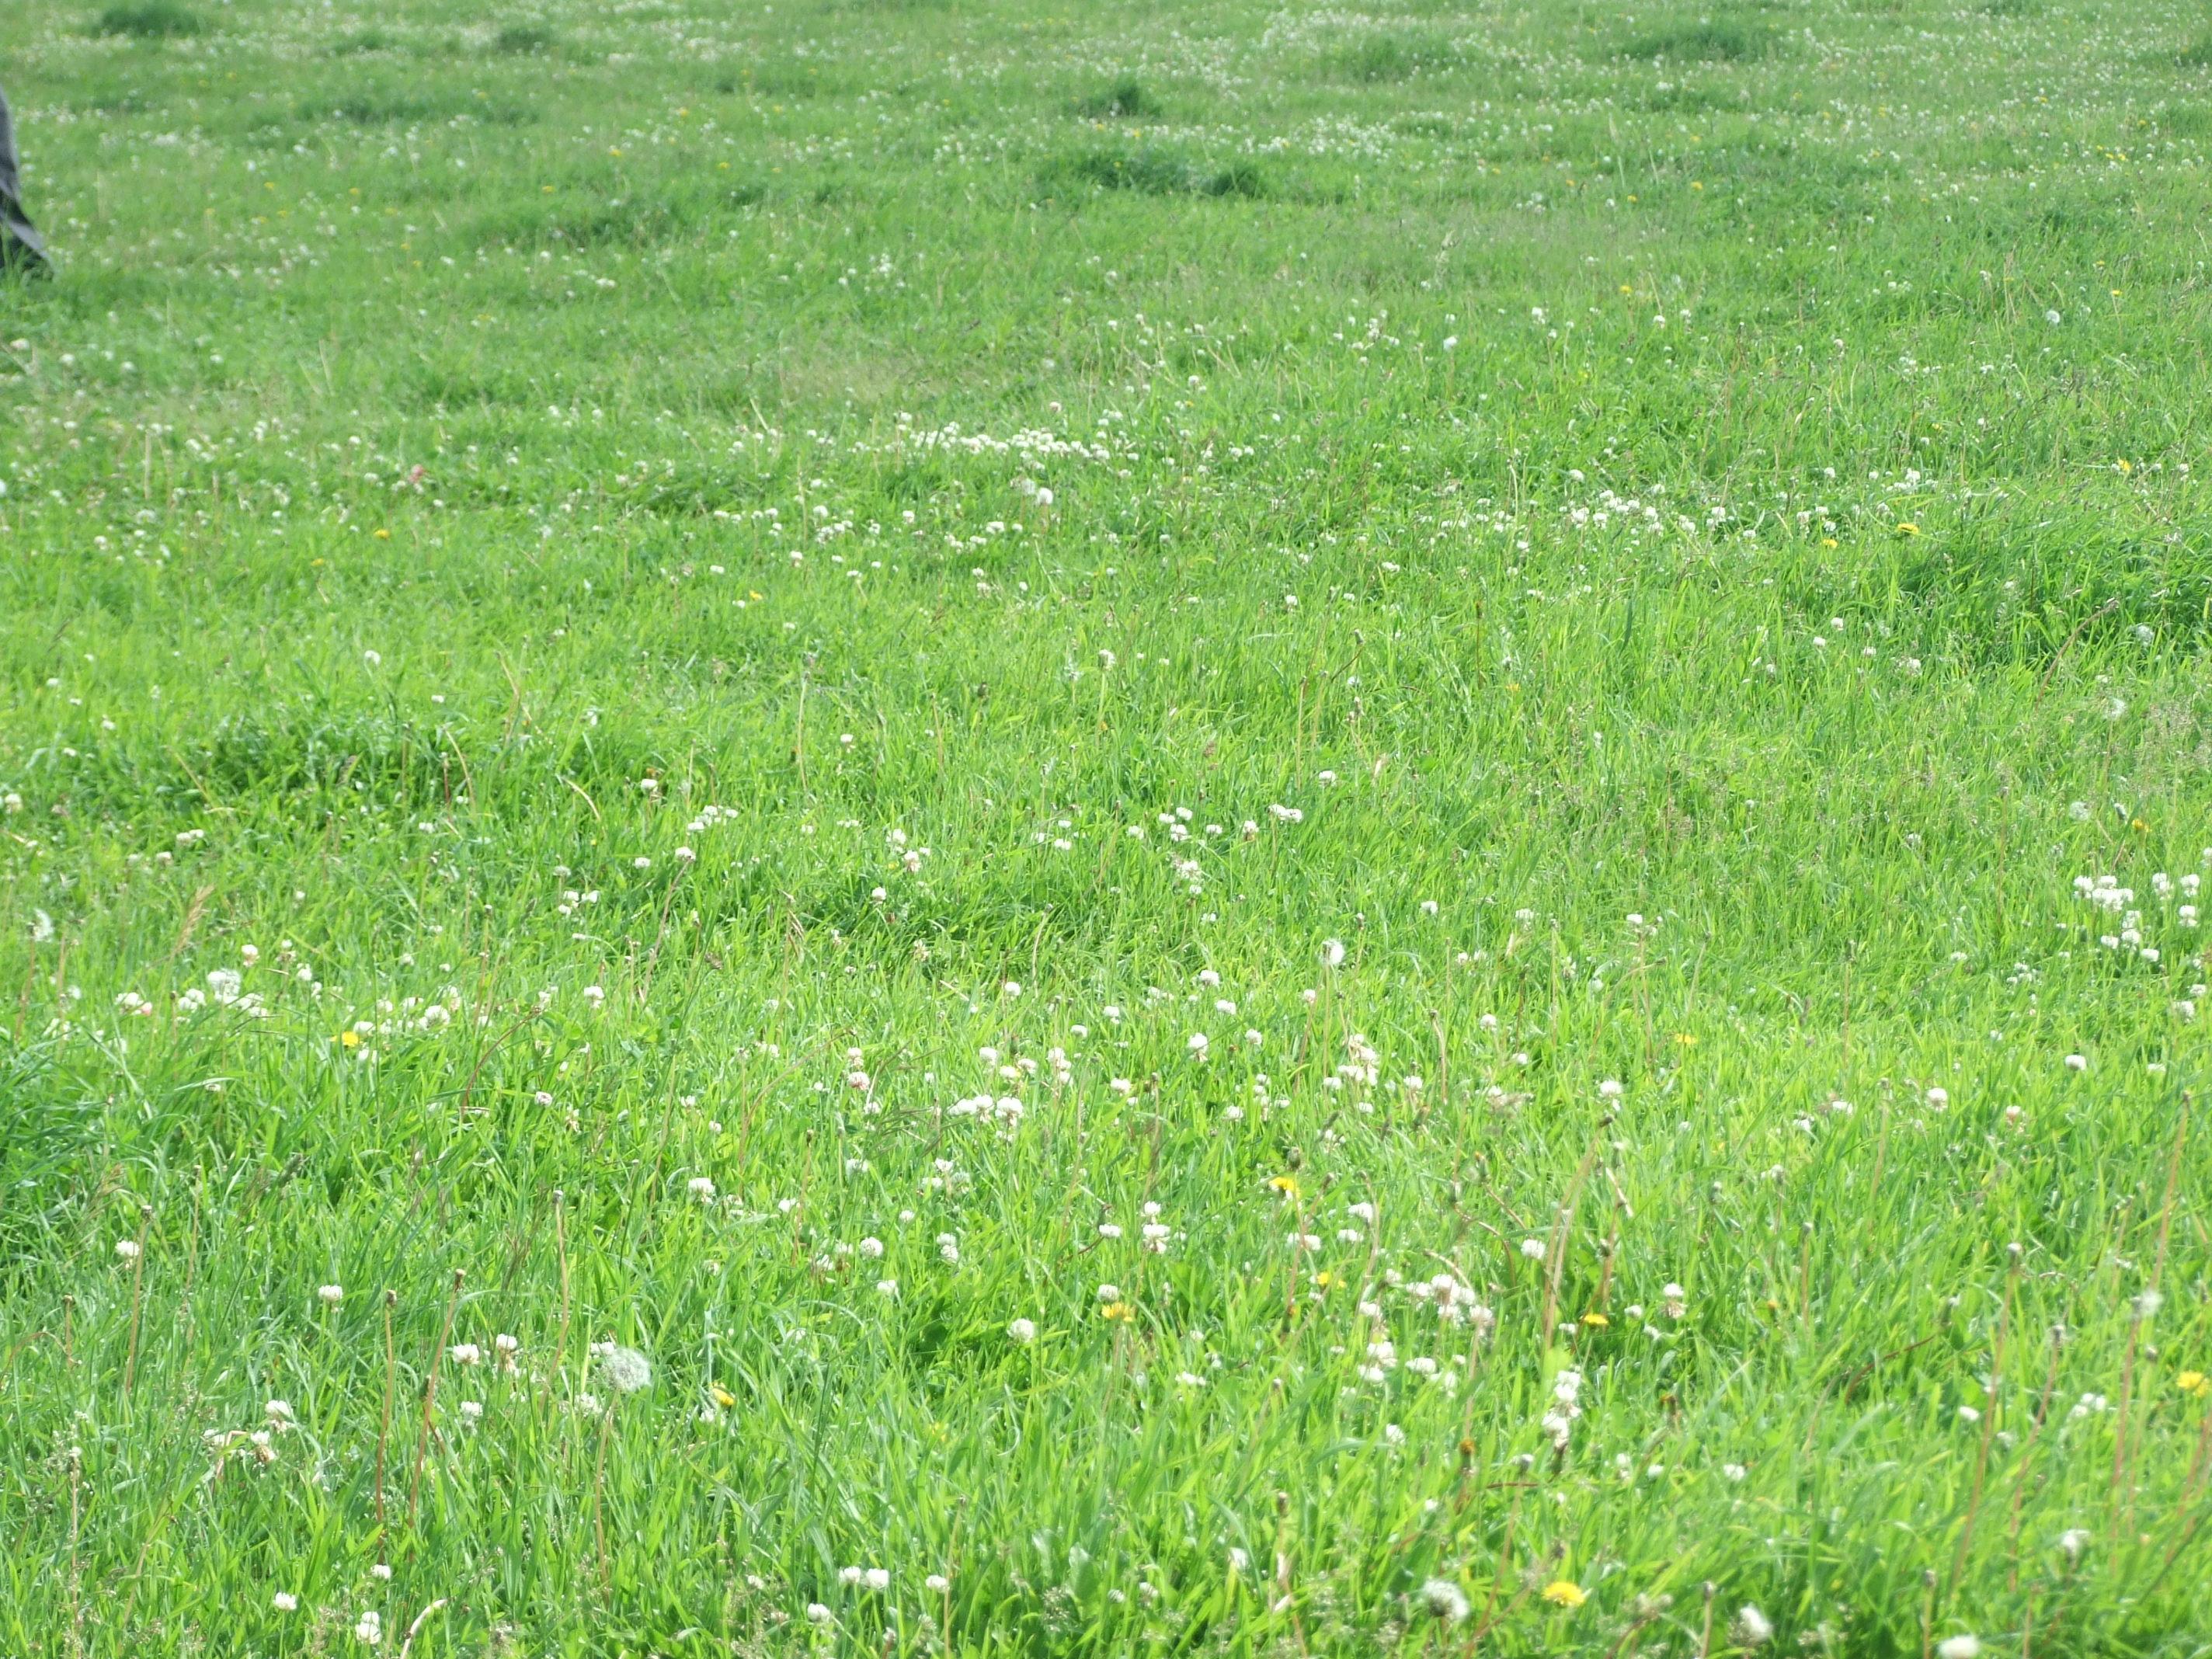 Grass Field, Clovers, Grass, Green, HQ Photo